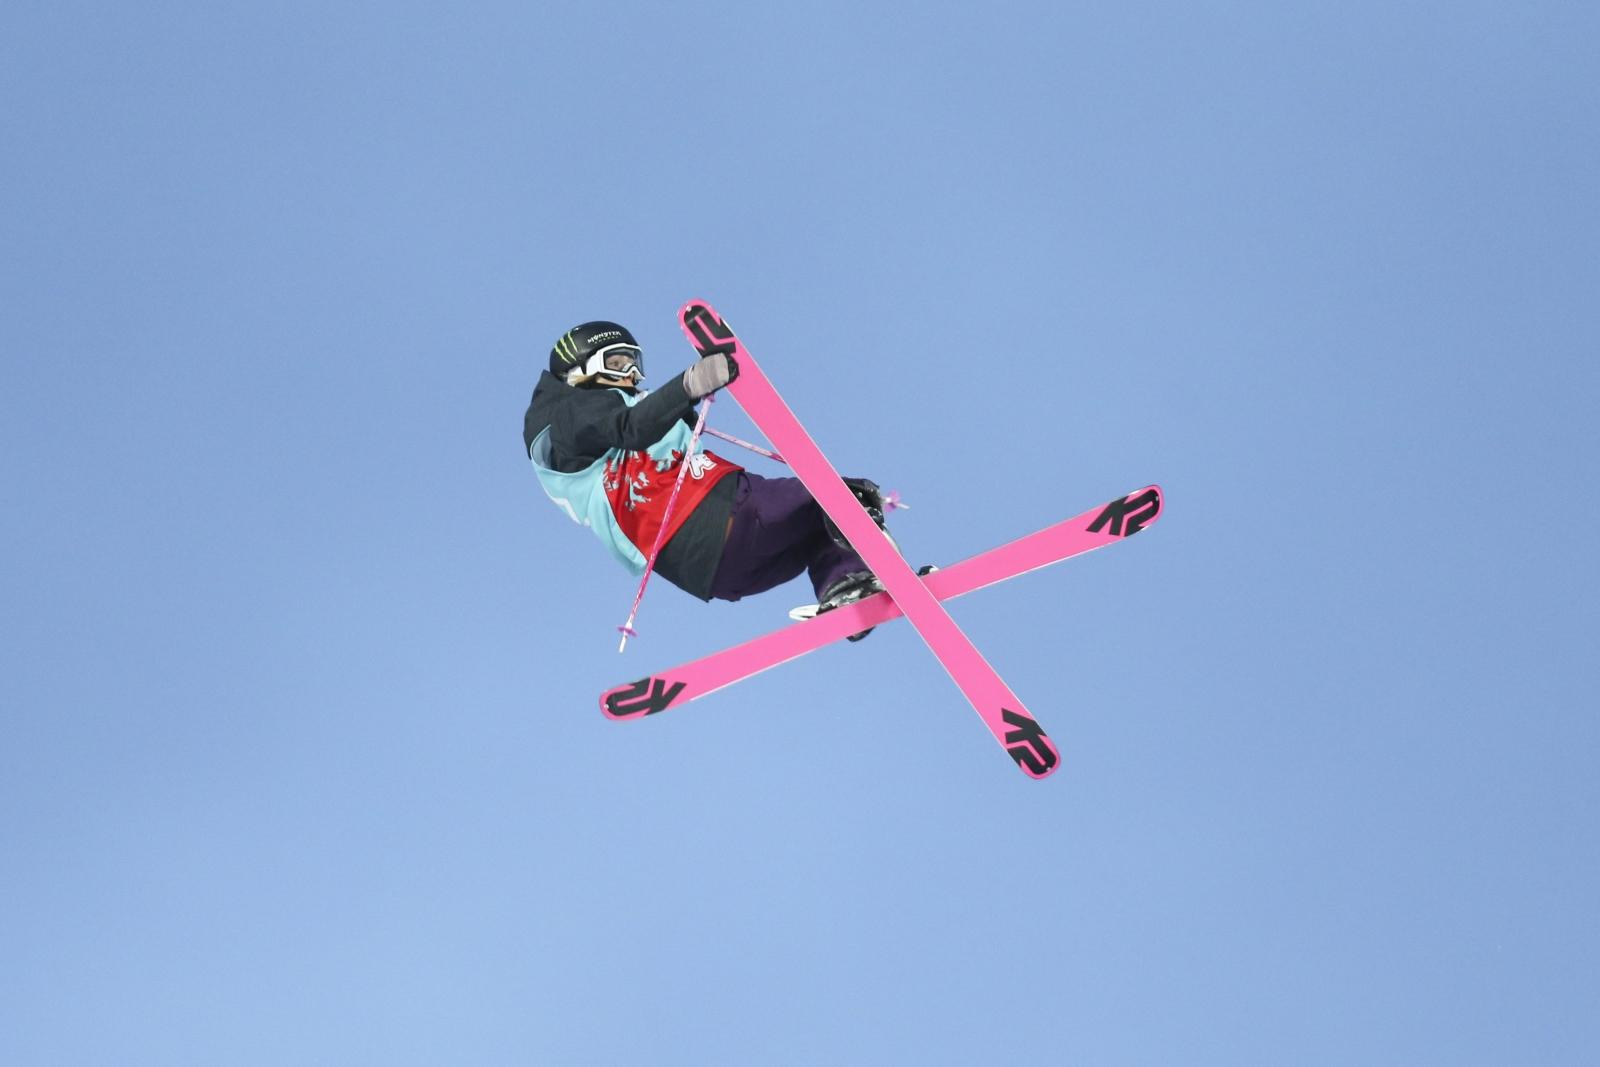 Brązowa medalistka Maggie Voisin w trakcie zawodów w stylu dowolnym.